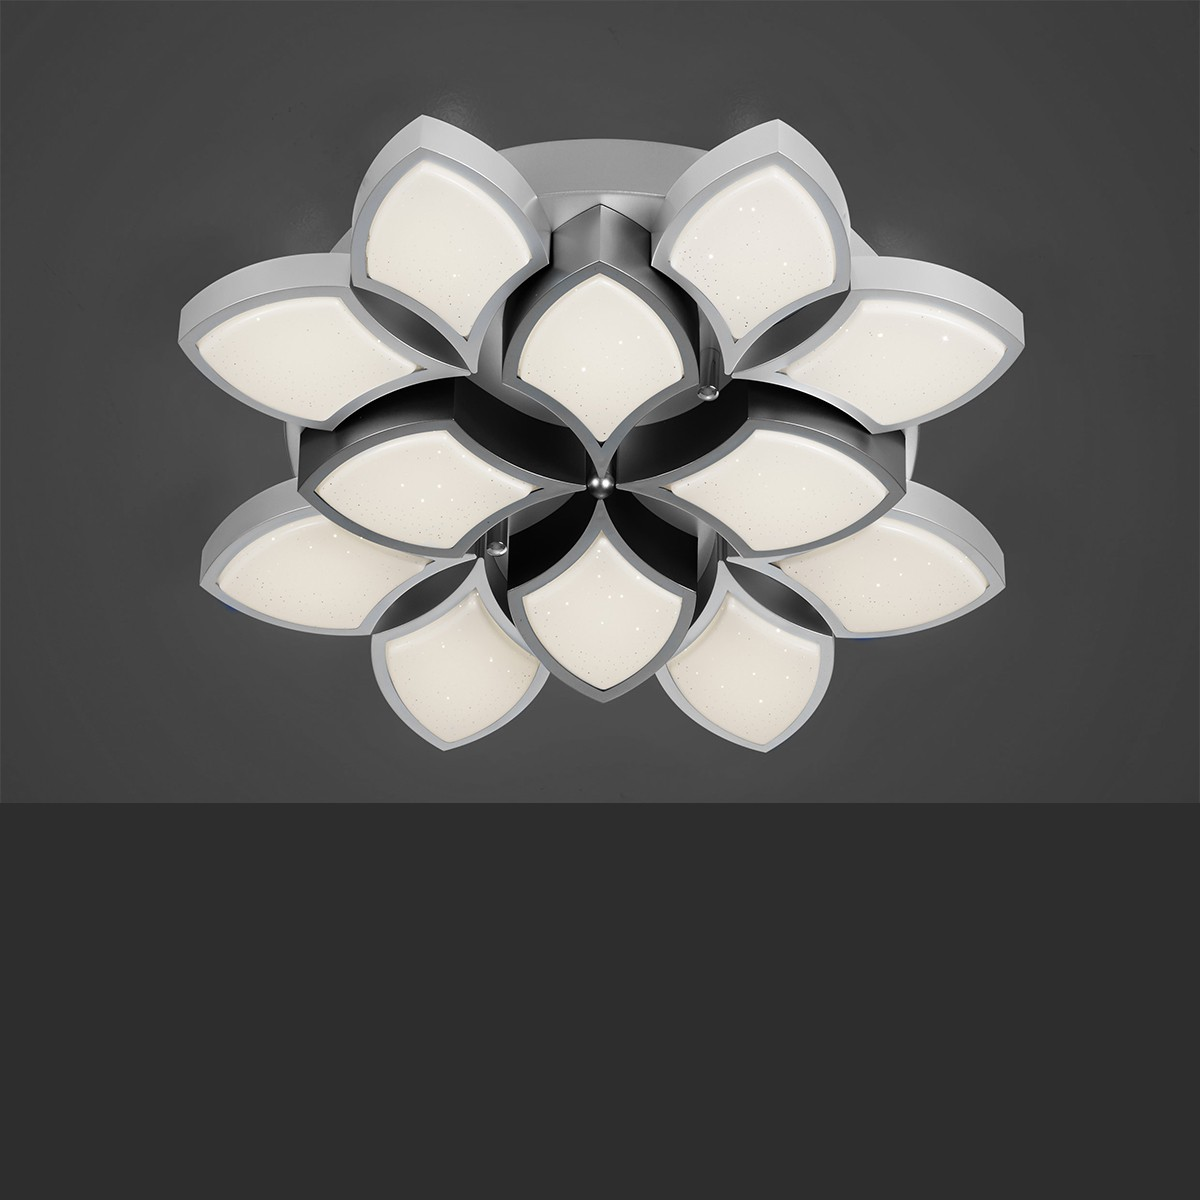 B-Leuchten Rose Deckenleuchte, Ø: 56 cm, hellgrau